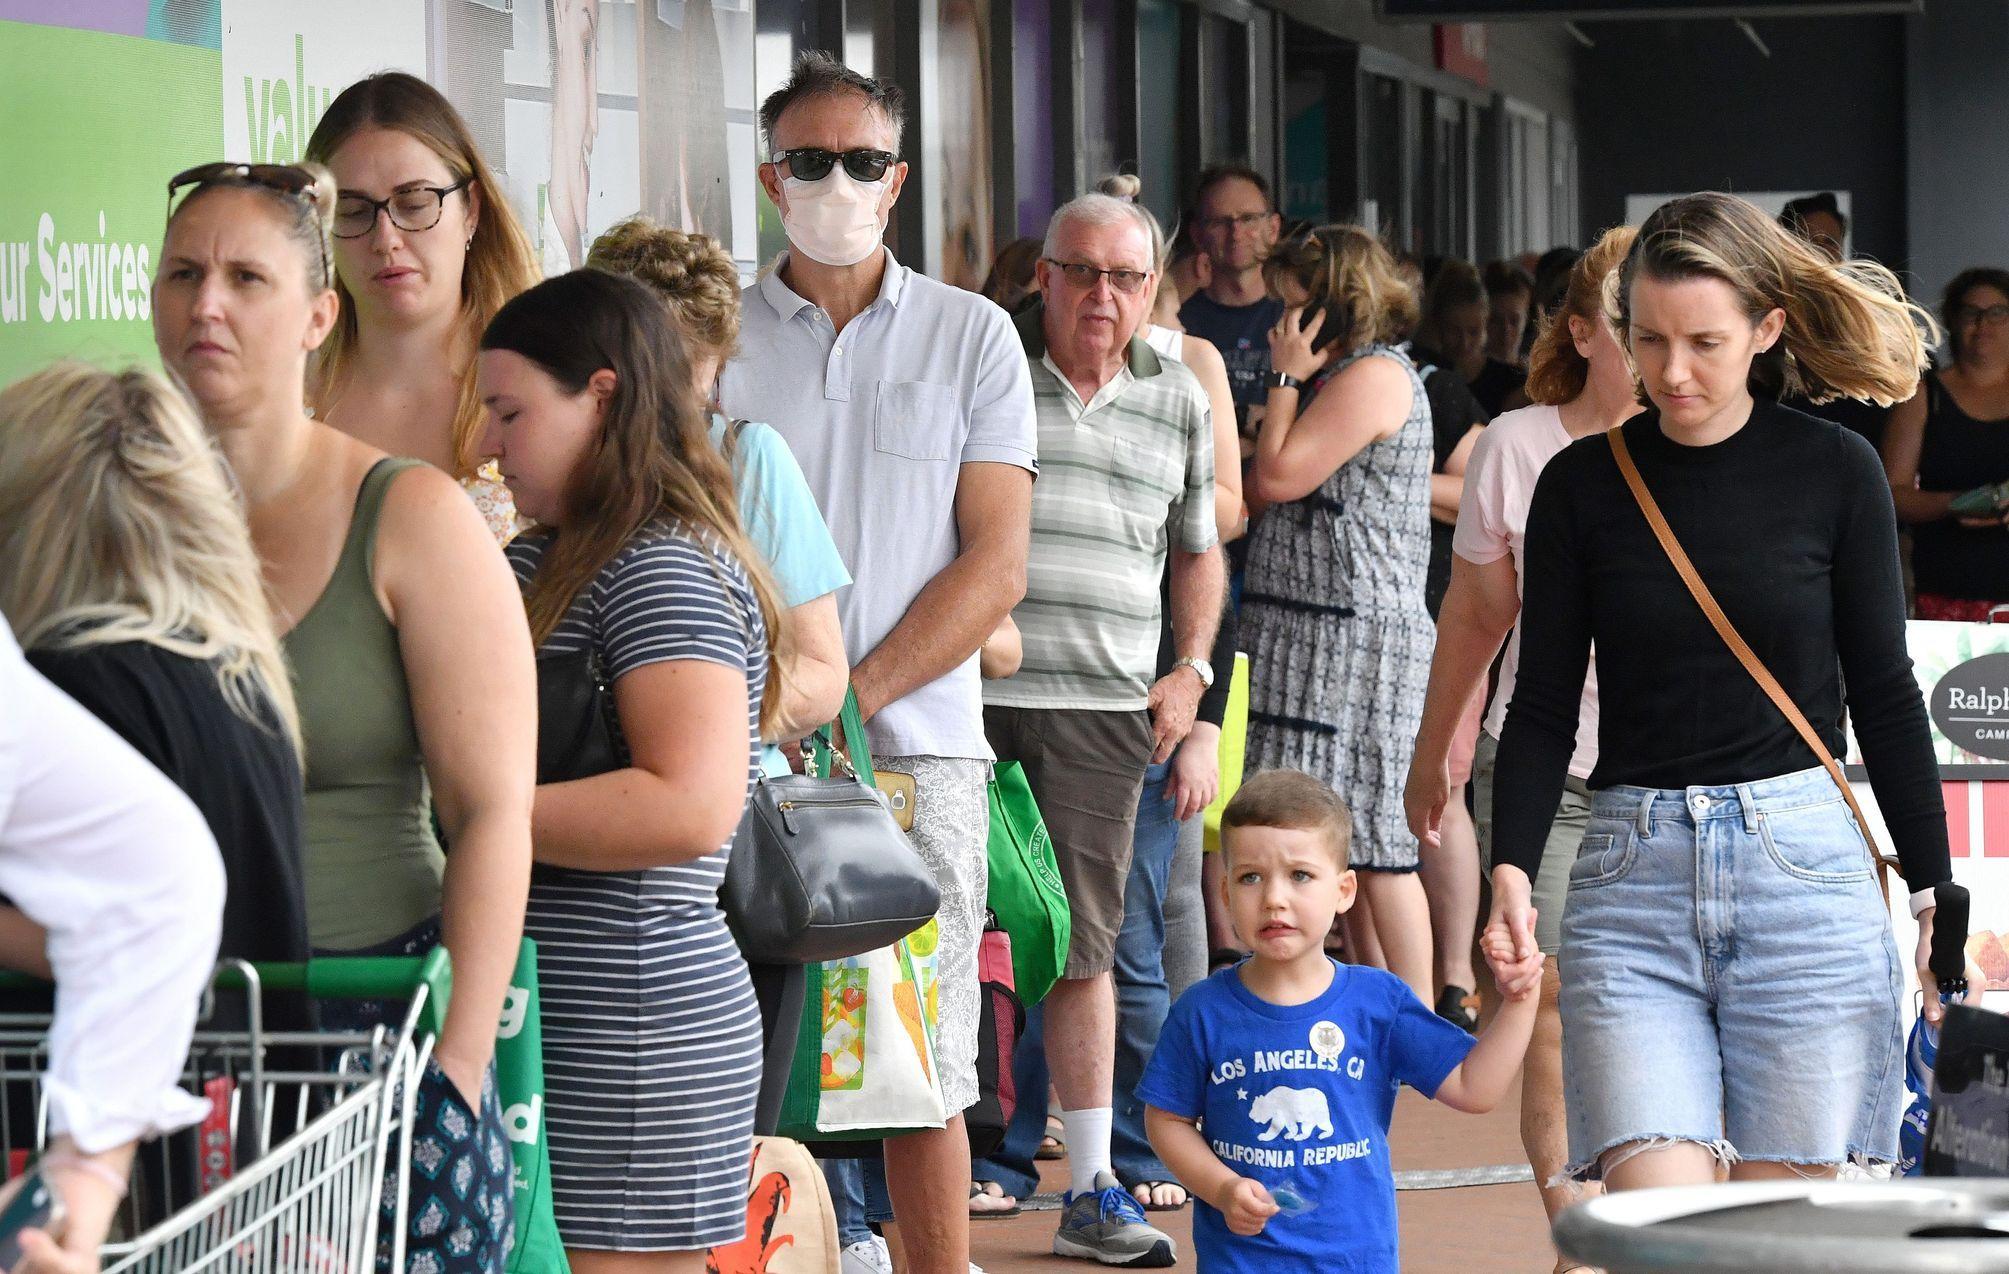 Co všechno vytáčí Čechy při nakupování: pokladní a ostatní nakupující